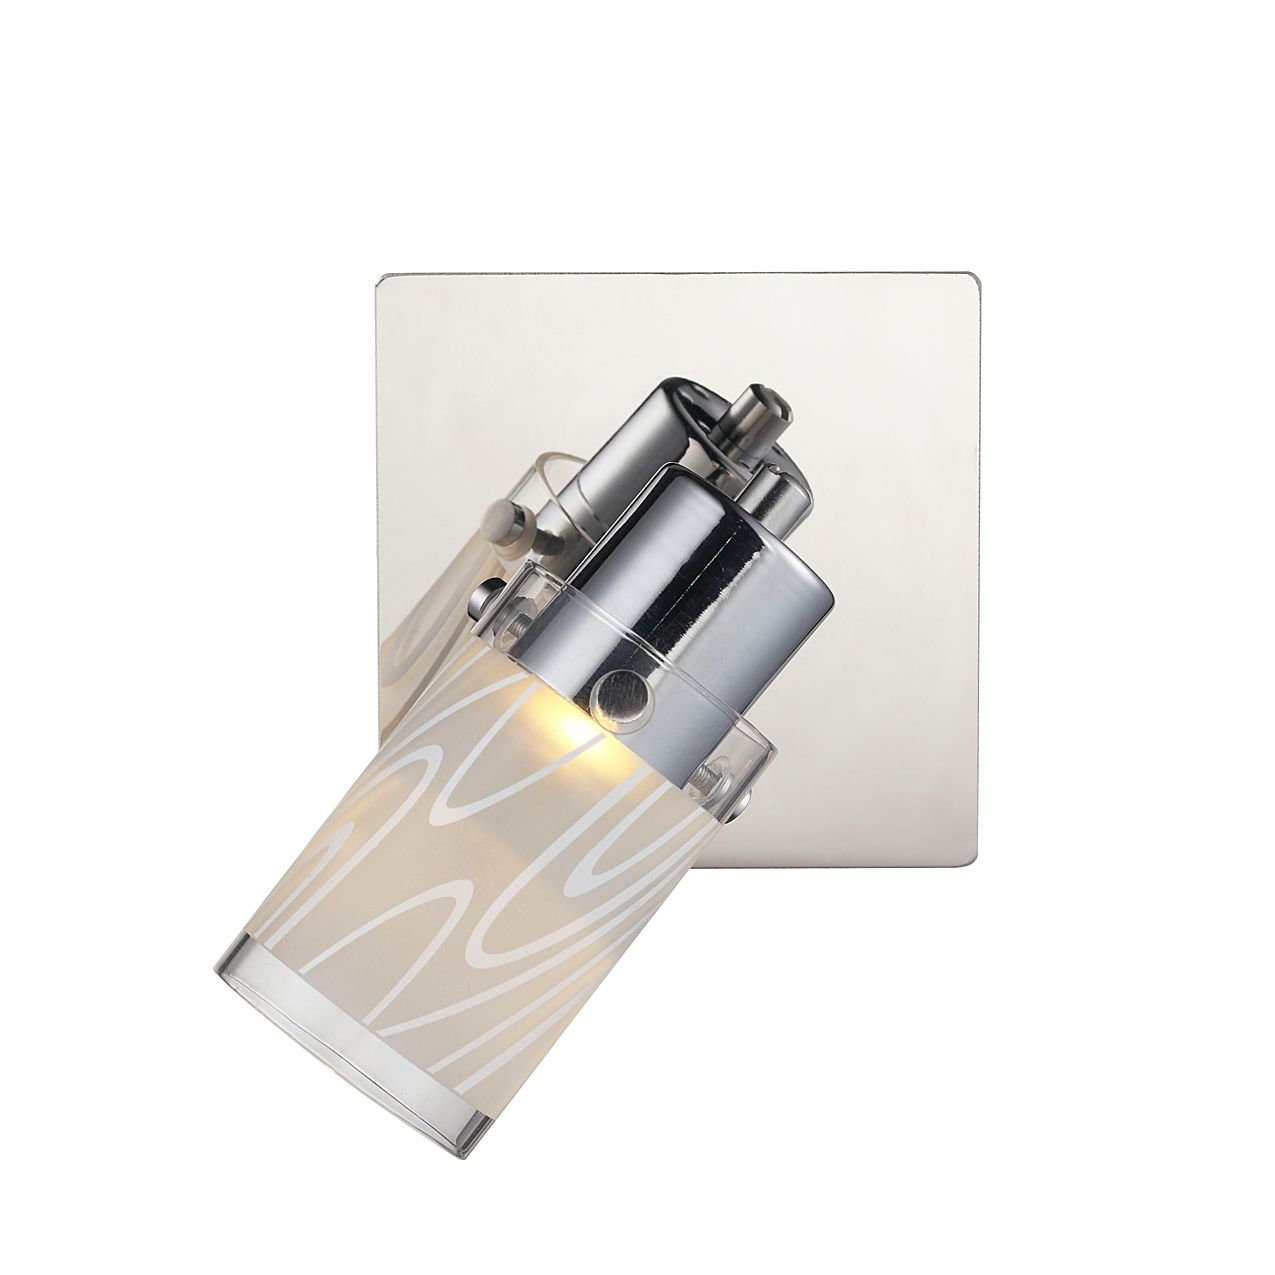 Wandspot Nova Led - 1-flammig, Esto